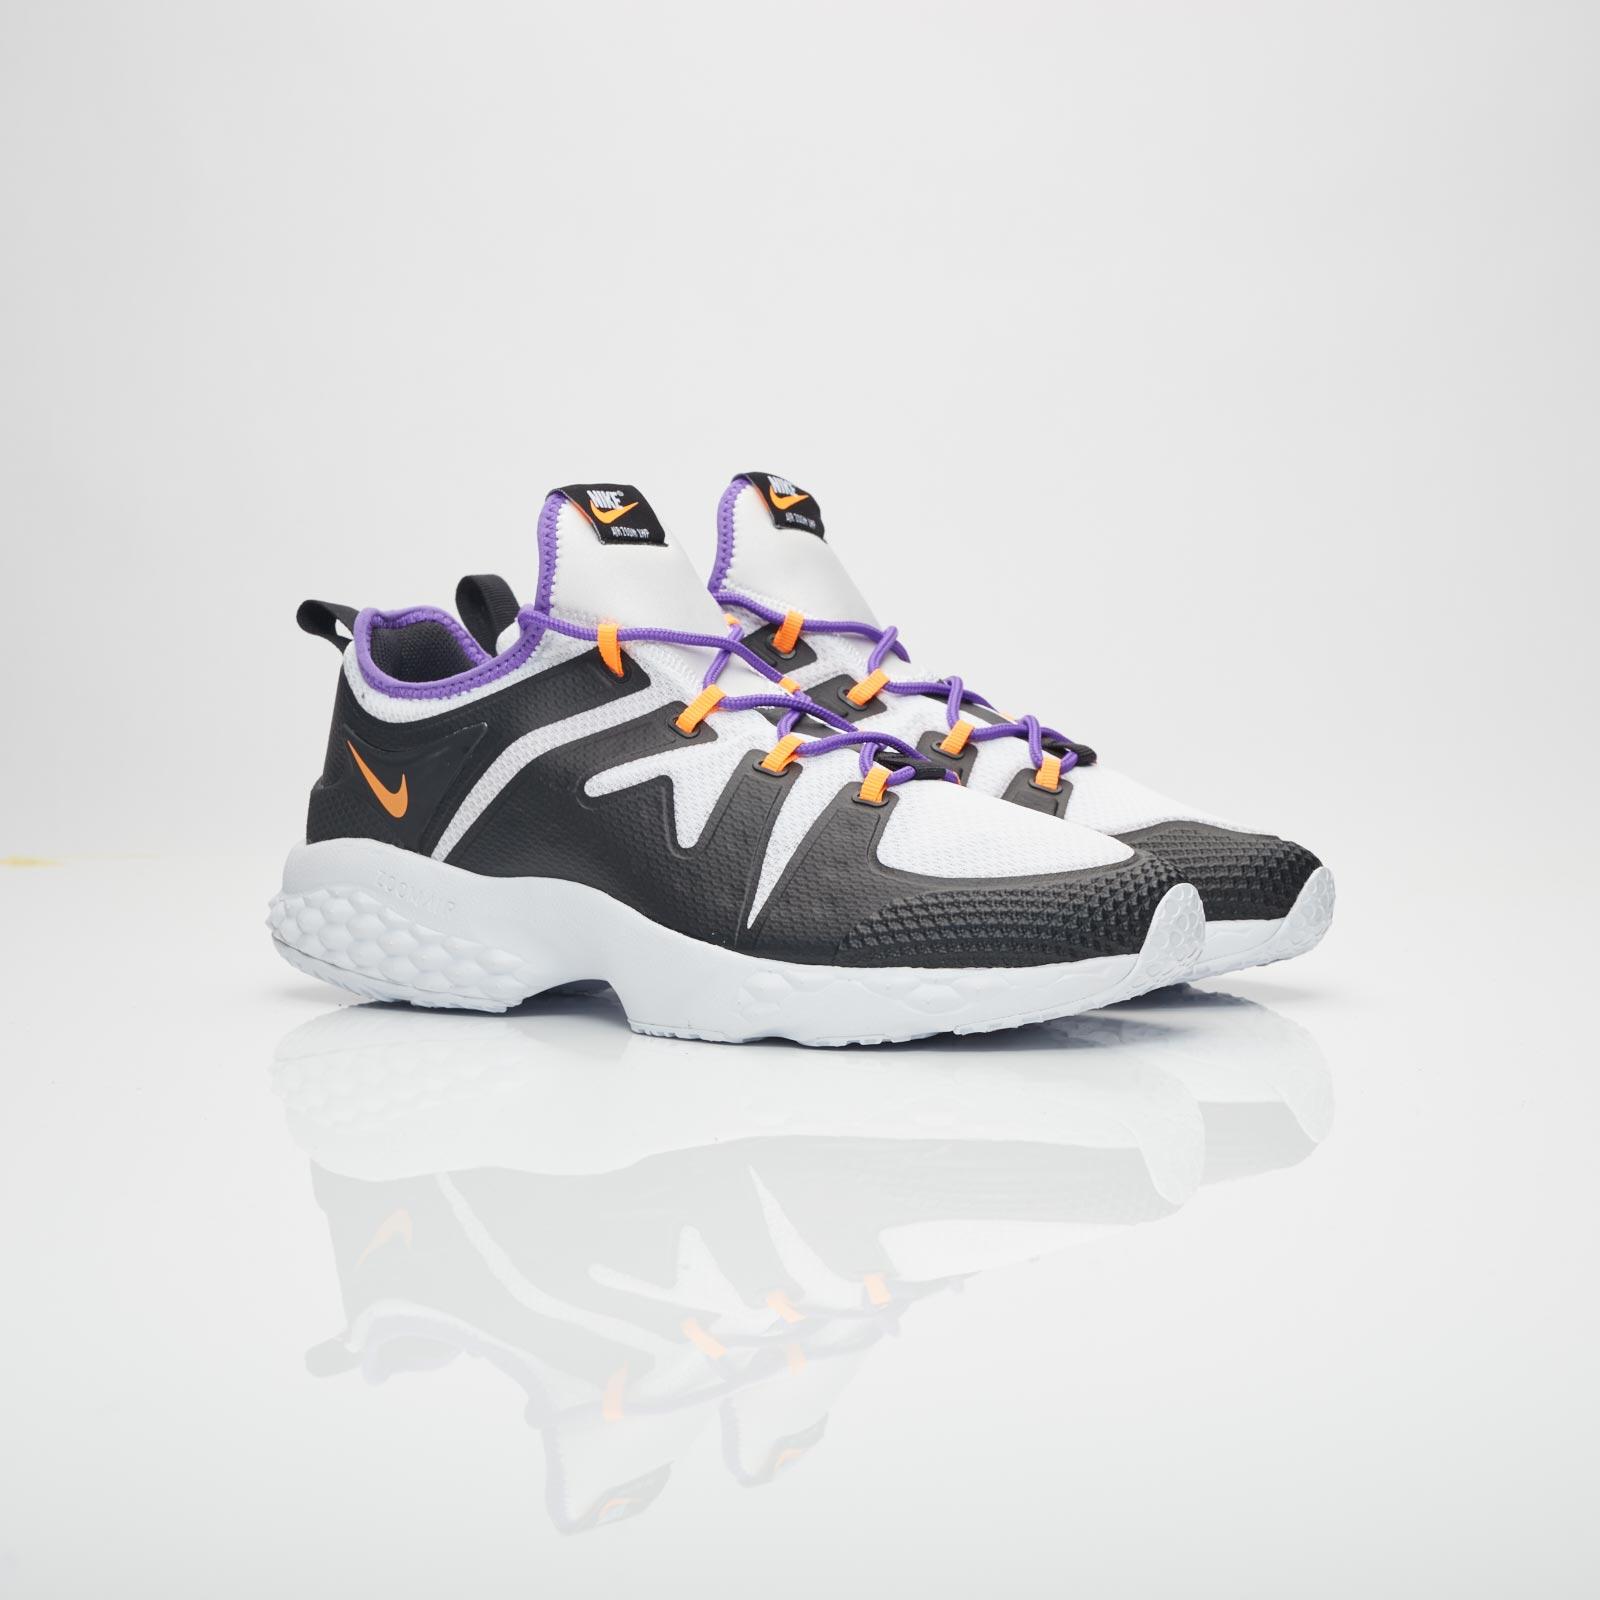 befd40ae8c5e9 Nike Air Zoom LWP 16 - 918226-007 - Sneakersnstuff